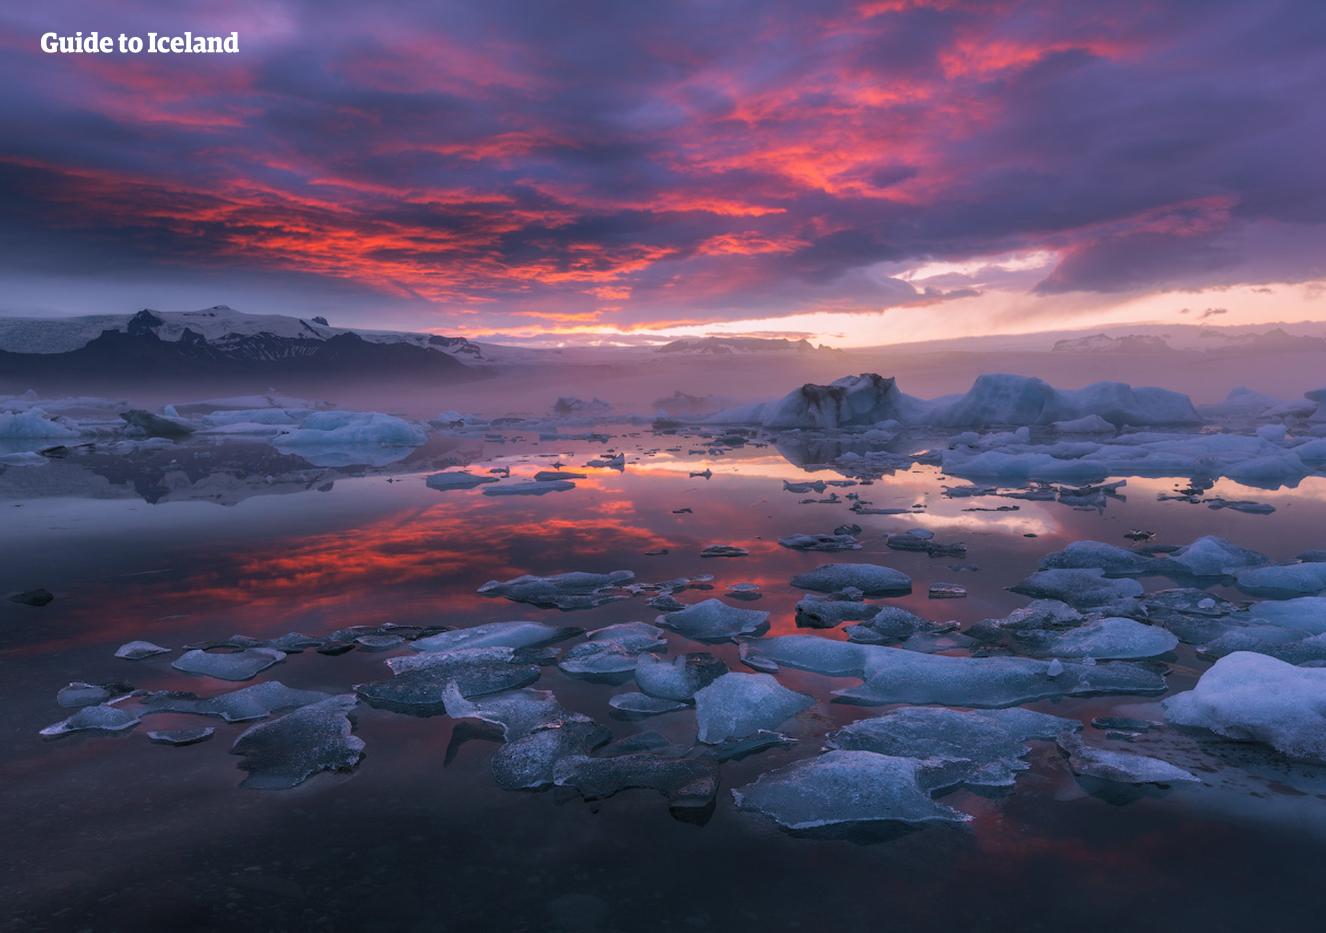 In der Gletscherlagune Jökulsárlón kannst du zuschauen, wie gigantische Eisberge gemütlich auf einem friedlichen See treiben.